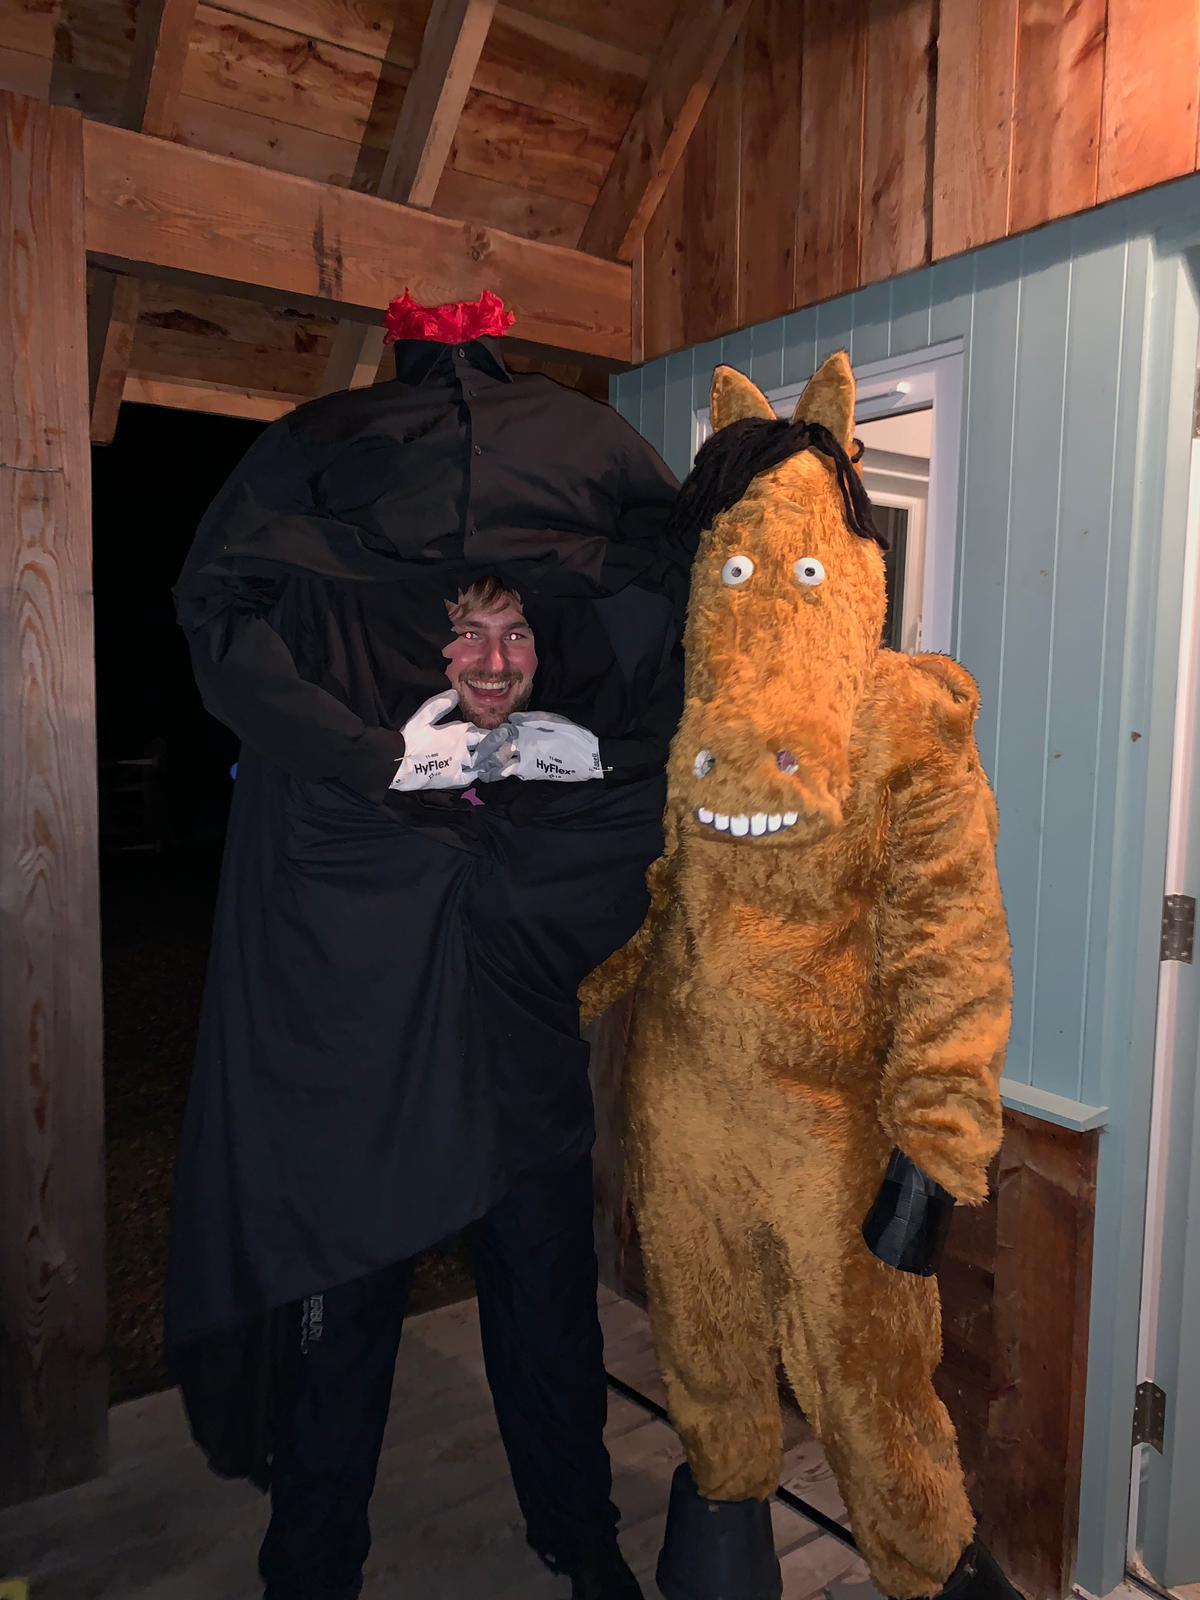 Hilarious costumes!